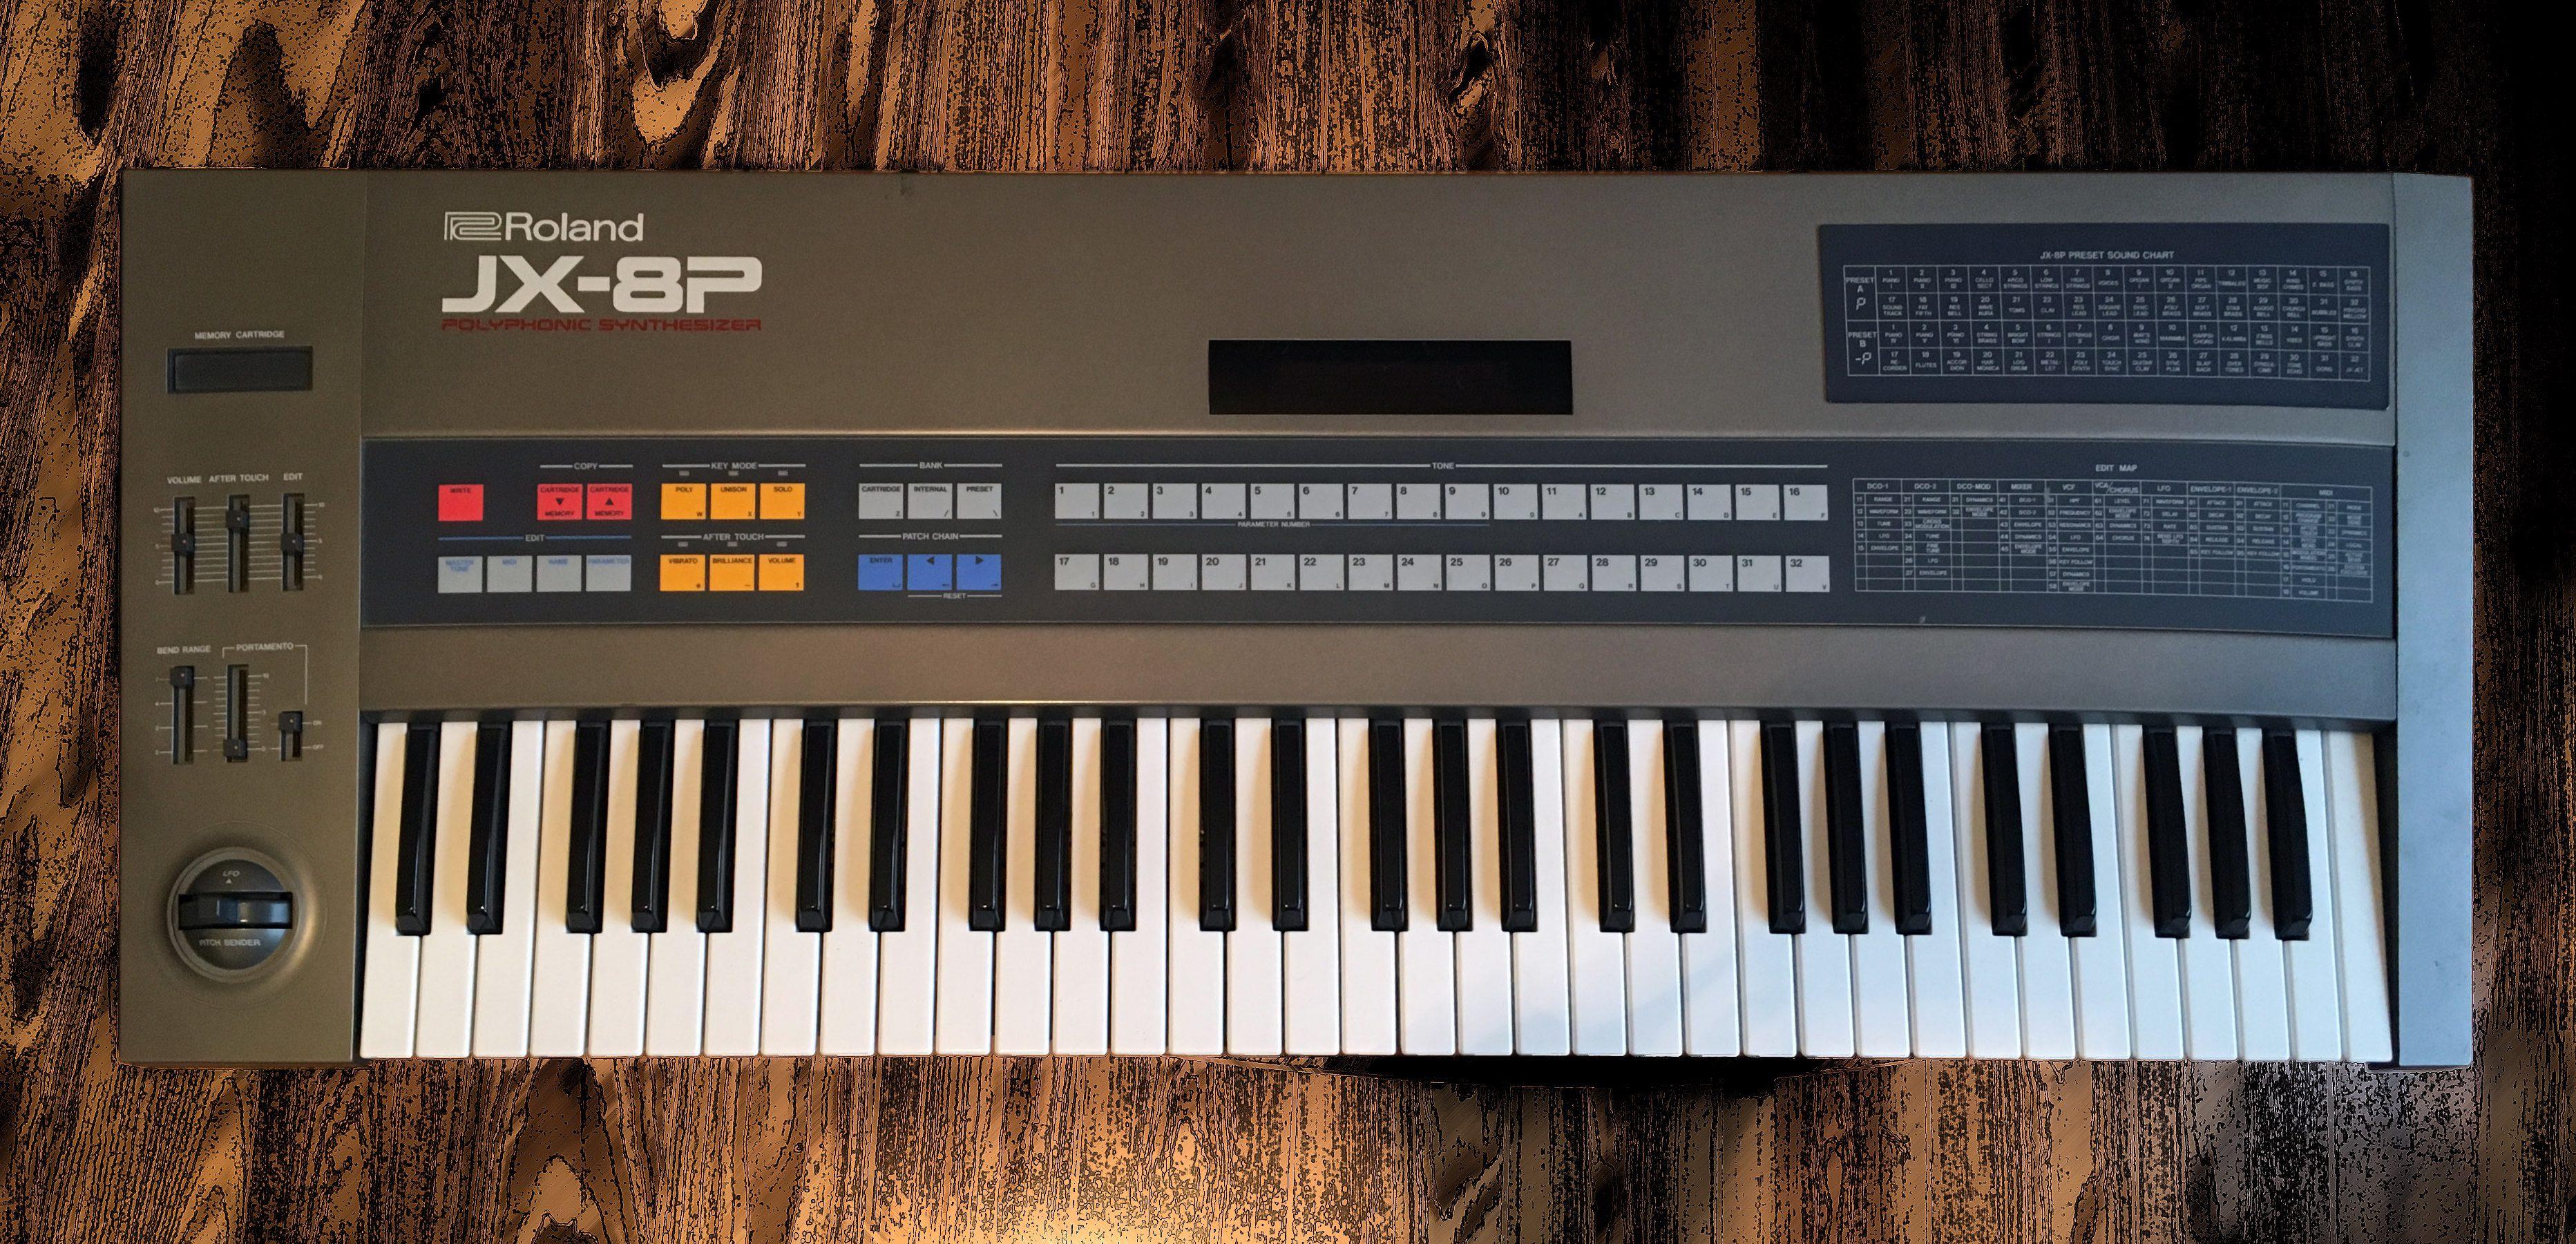 Roland JX-8P mit iPG-800